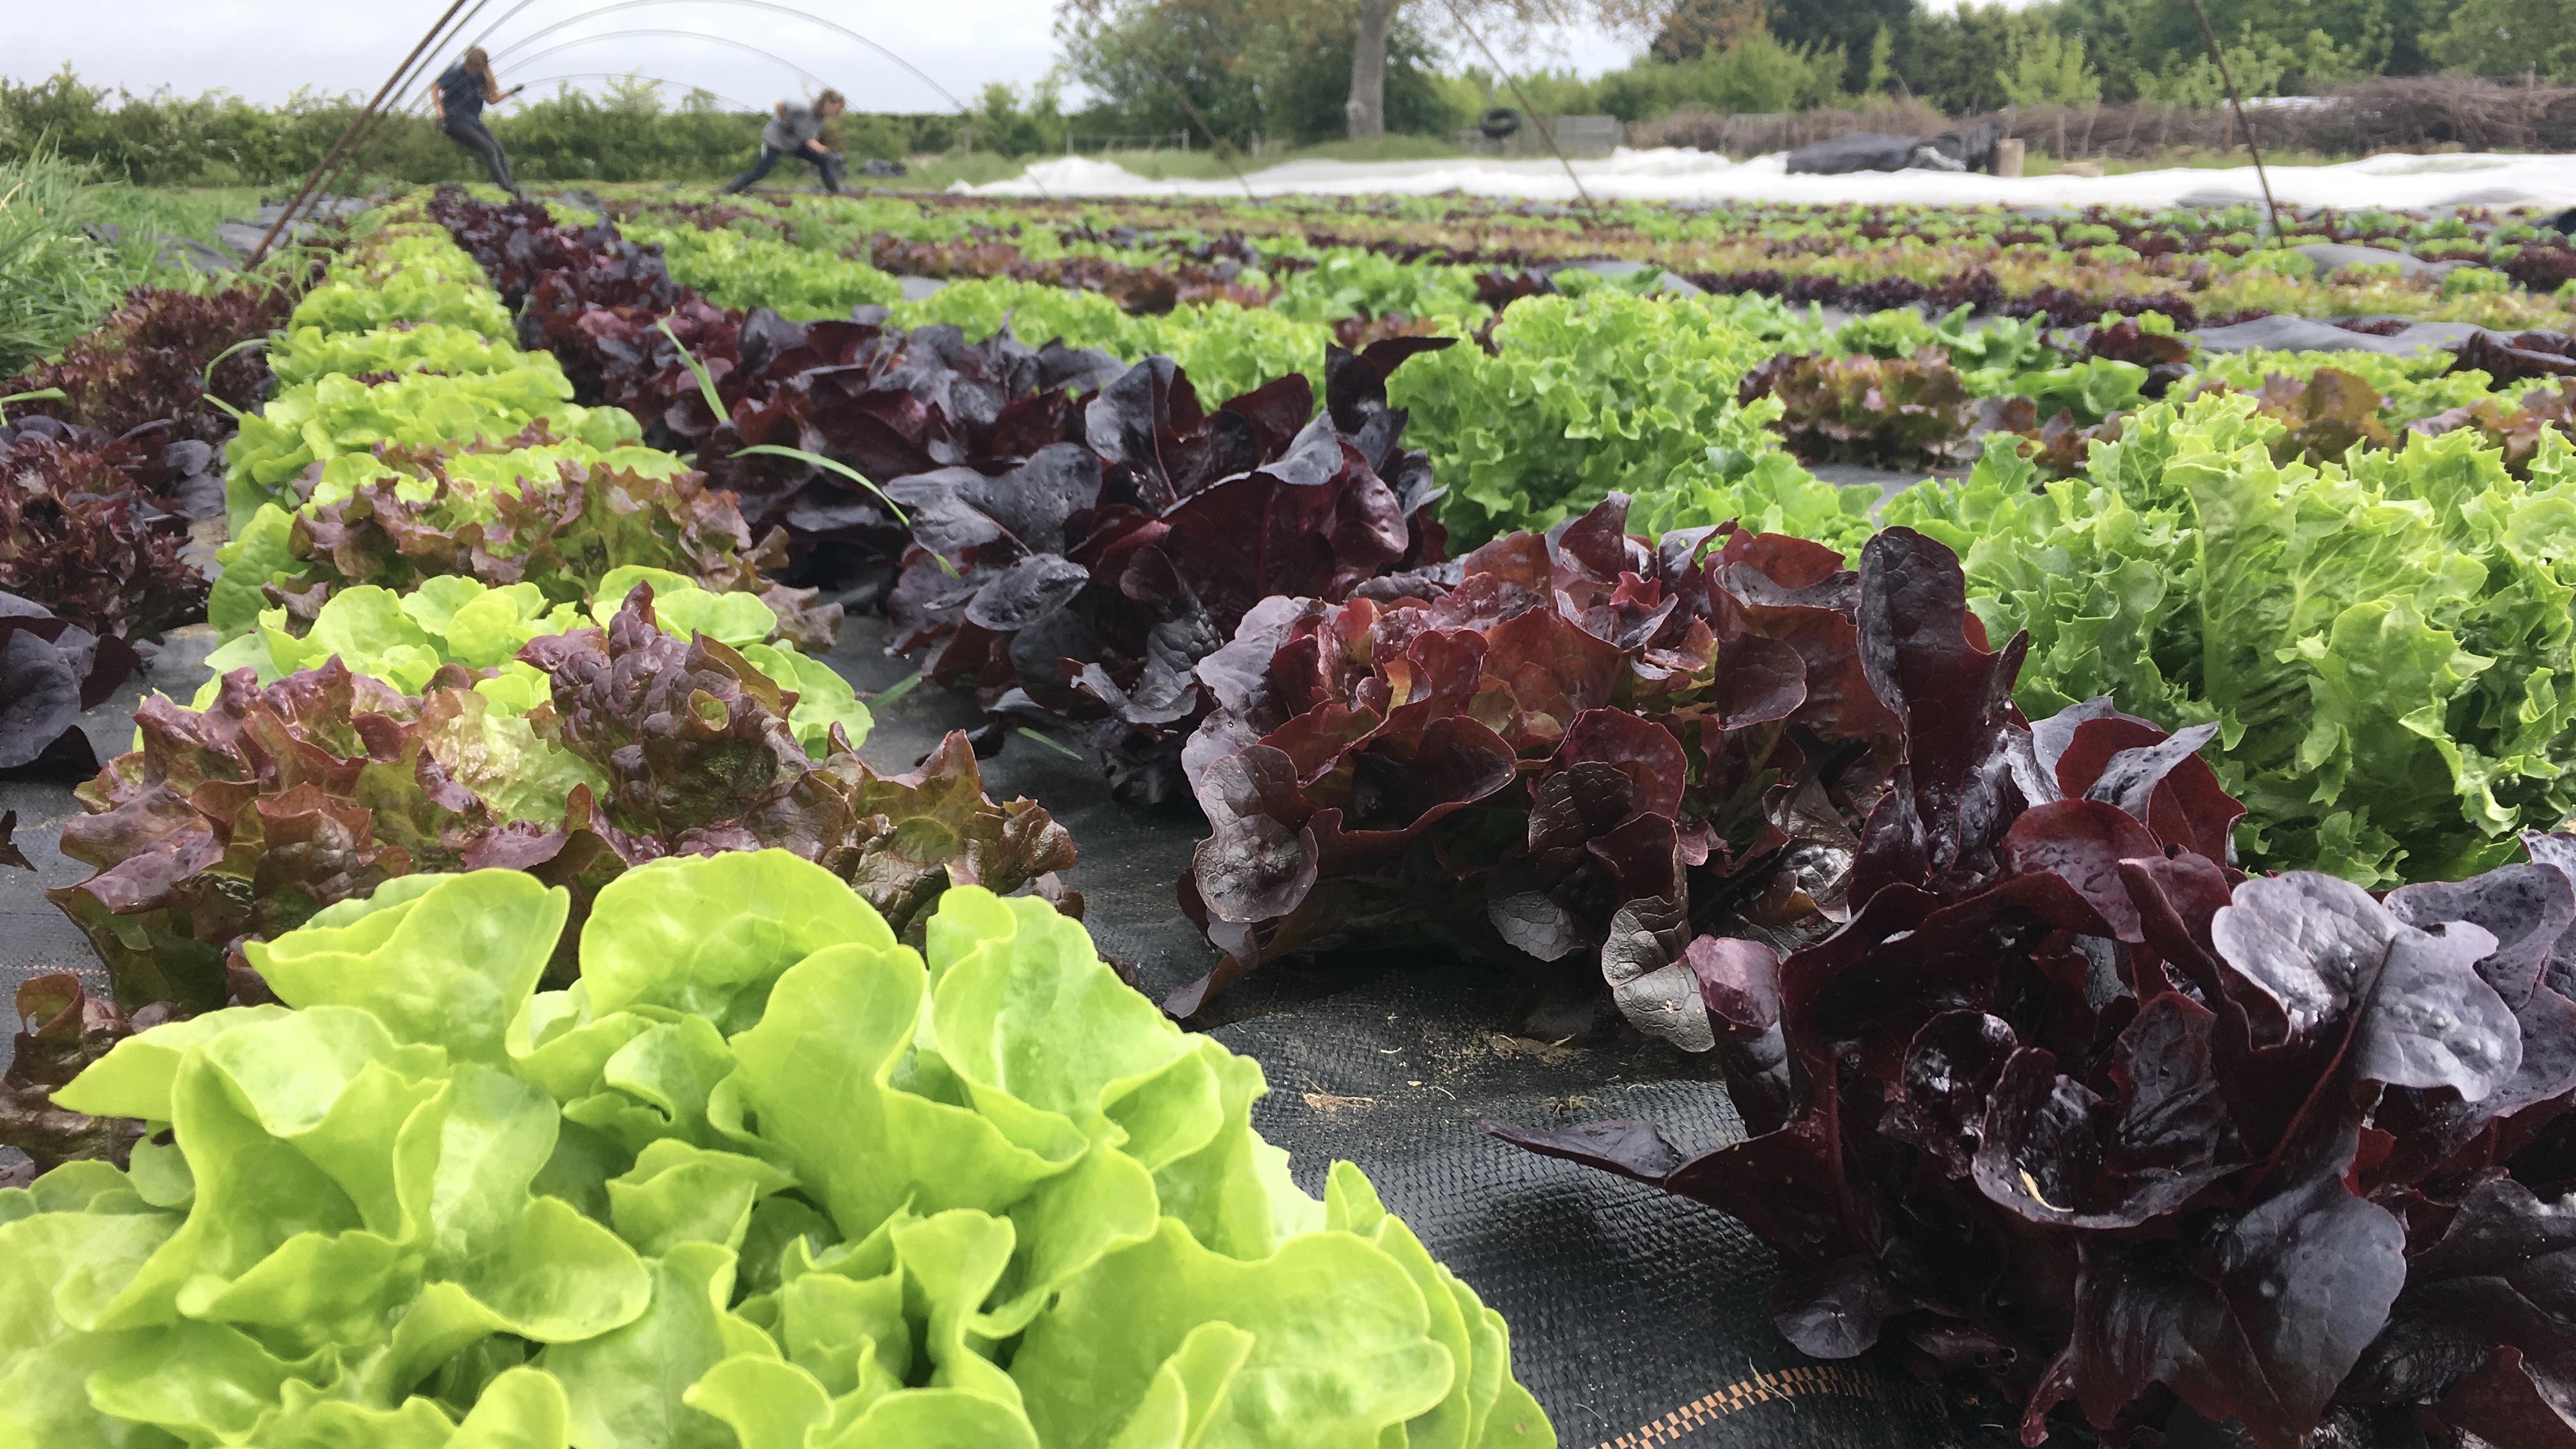 Lettuces 2019